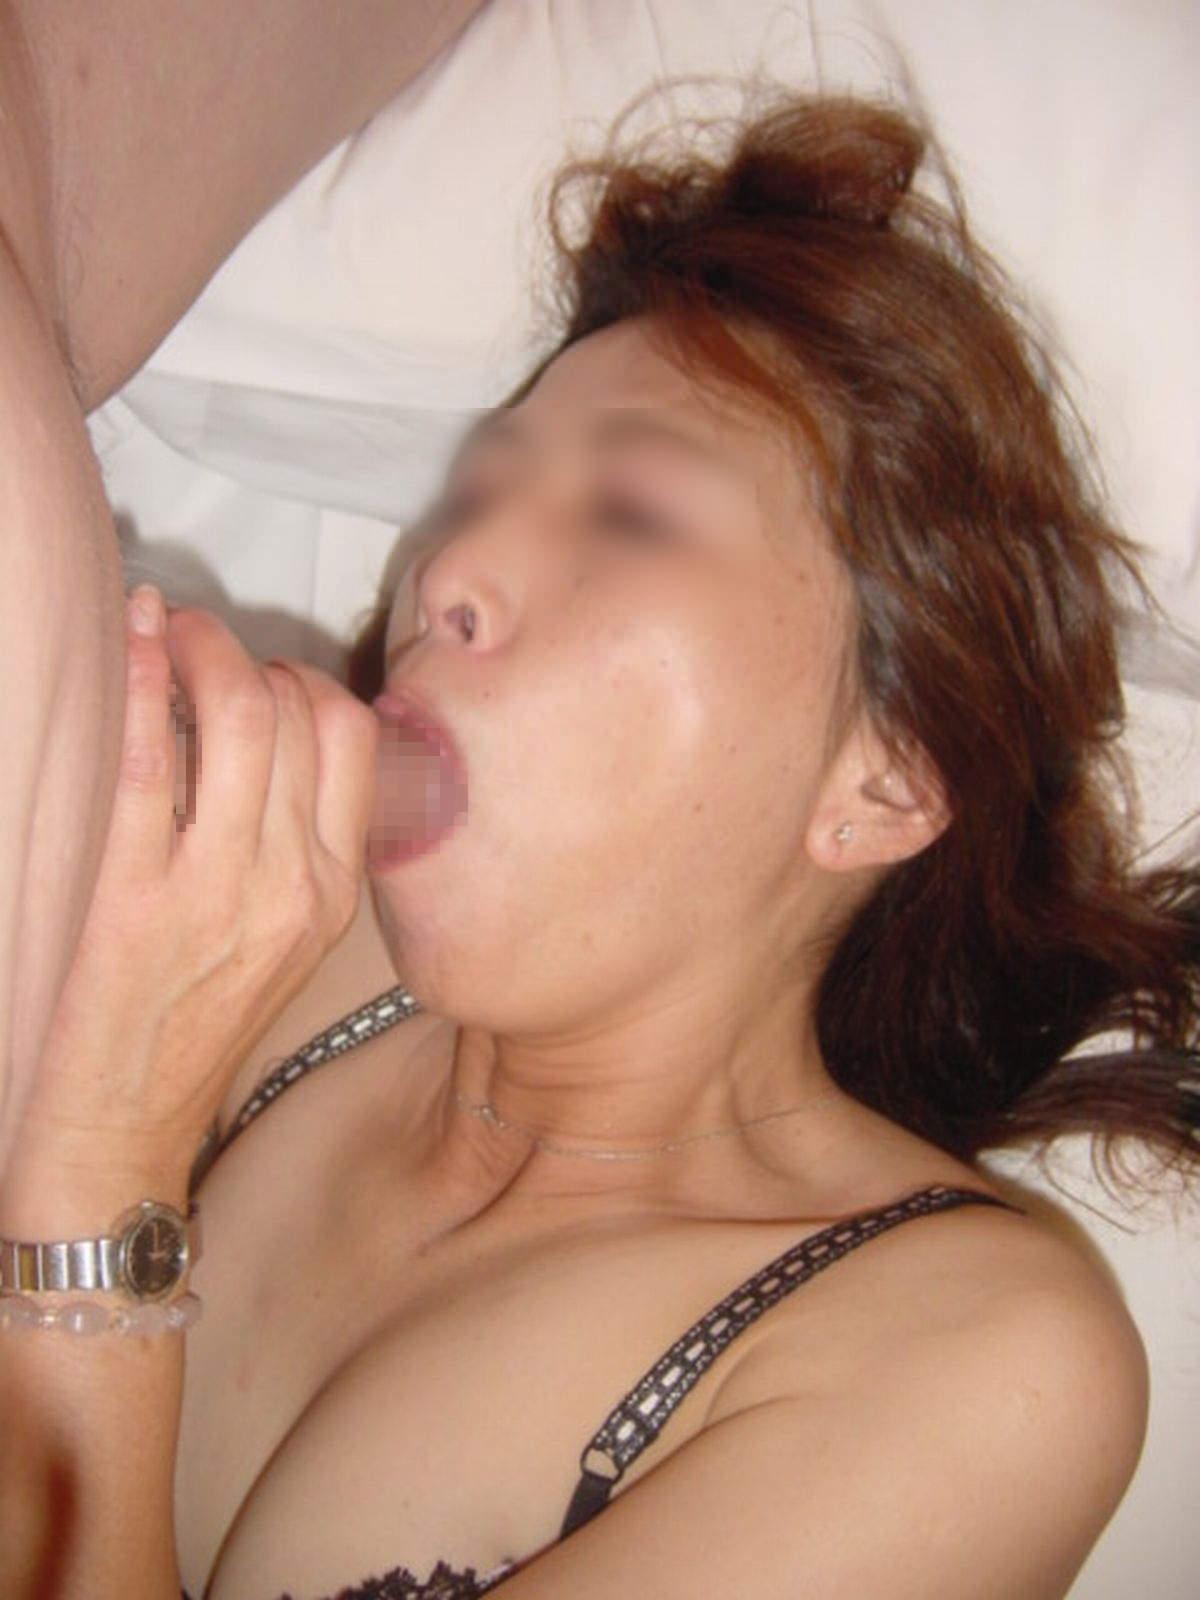 ドスケベ妻の生フェラ画像!!ジュポンジュポン唾液ローションで舐め回す!!!! 2855